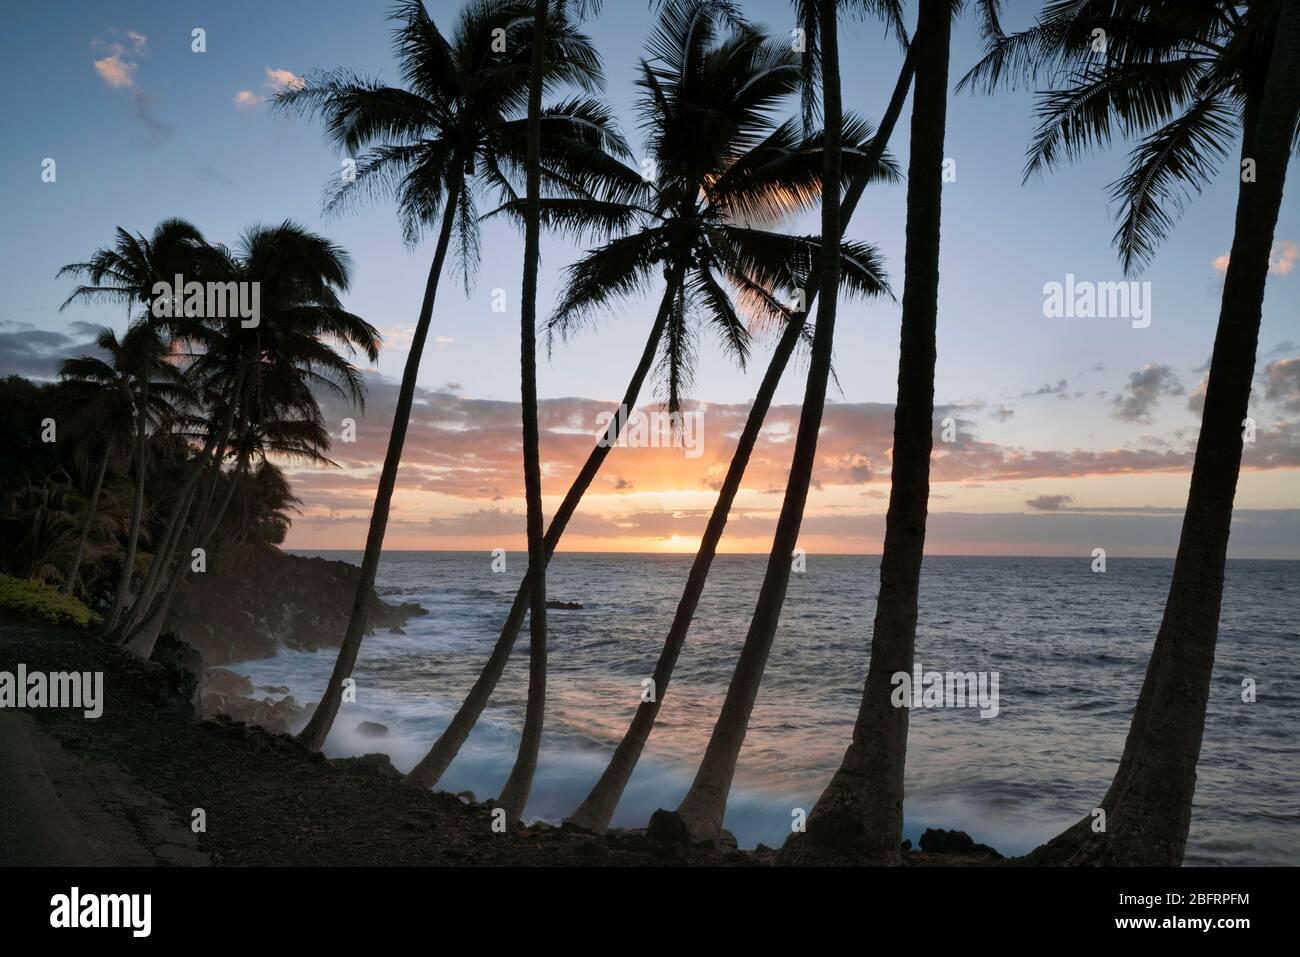 Le lever du soleil coloré révèle des vagues qui s'écrasent contre le littoral de lave et la côte de Puna bordée de palmiers sur la Grande île d'Hawaï. Banque D'Images